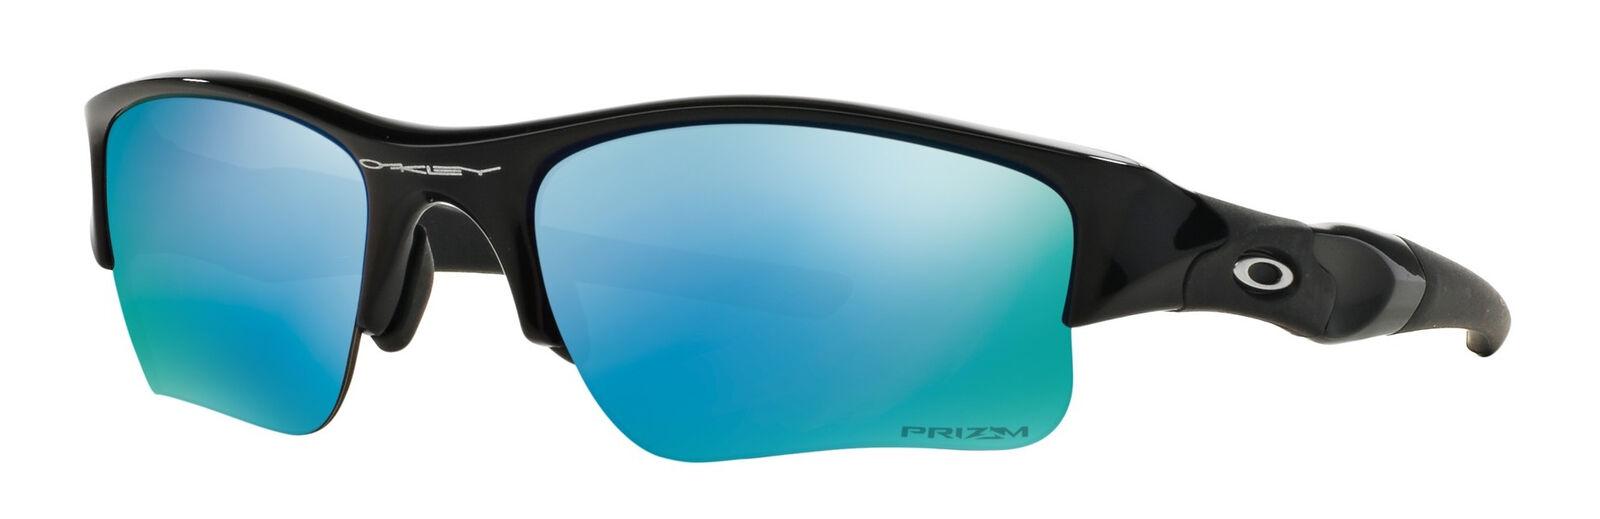 29294951875 Oakley Flak Jacket XLJ Prizm Deep H2o Polarized Sunglasses